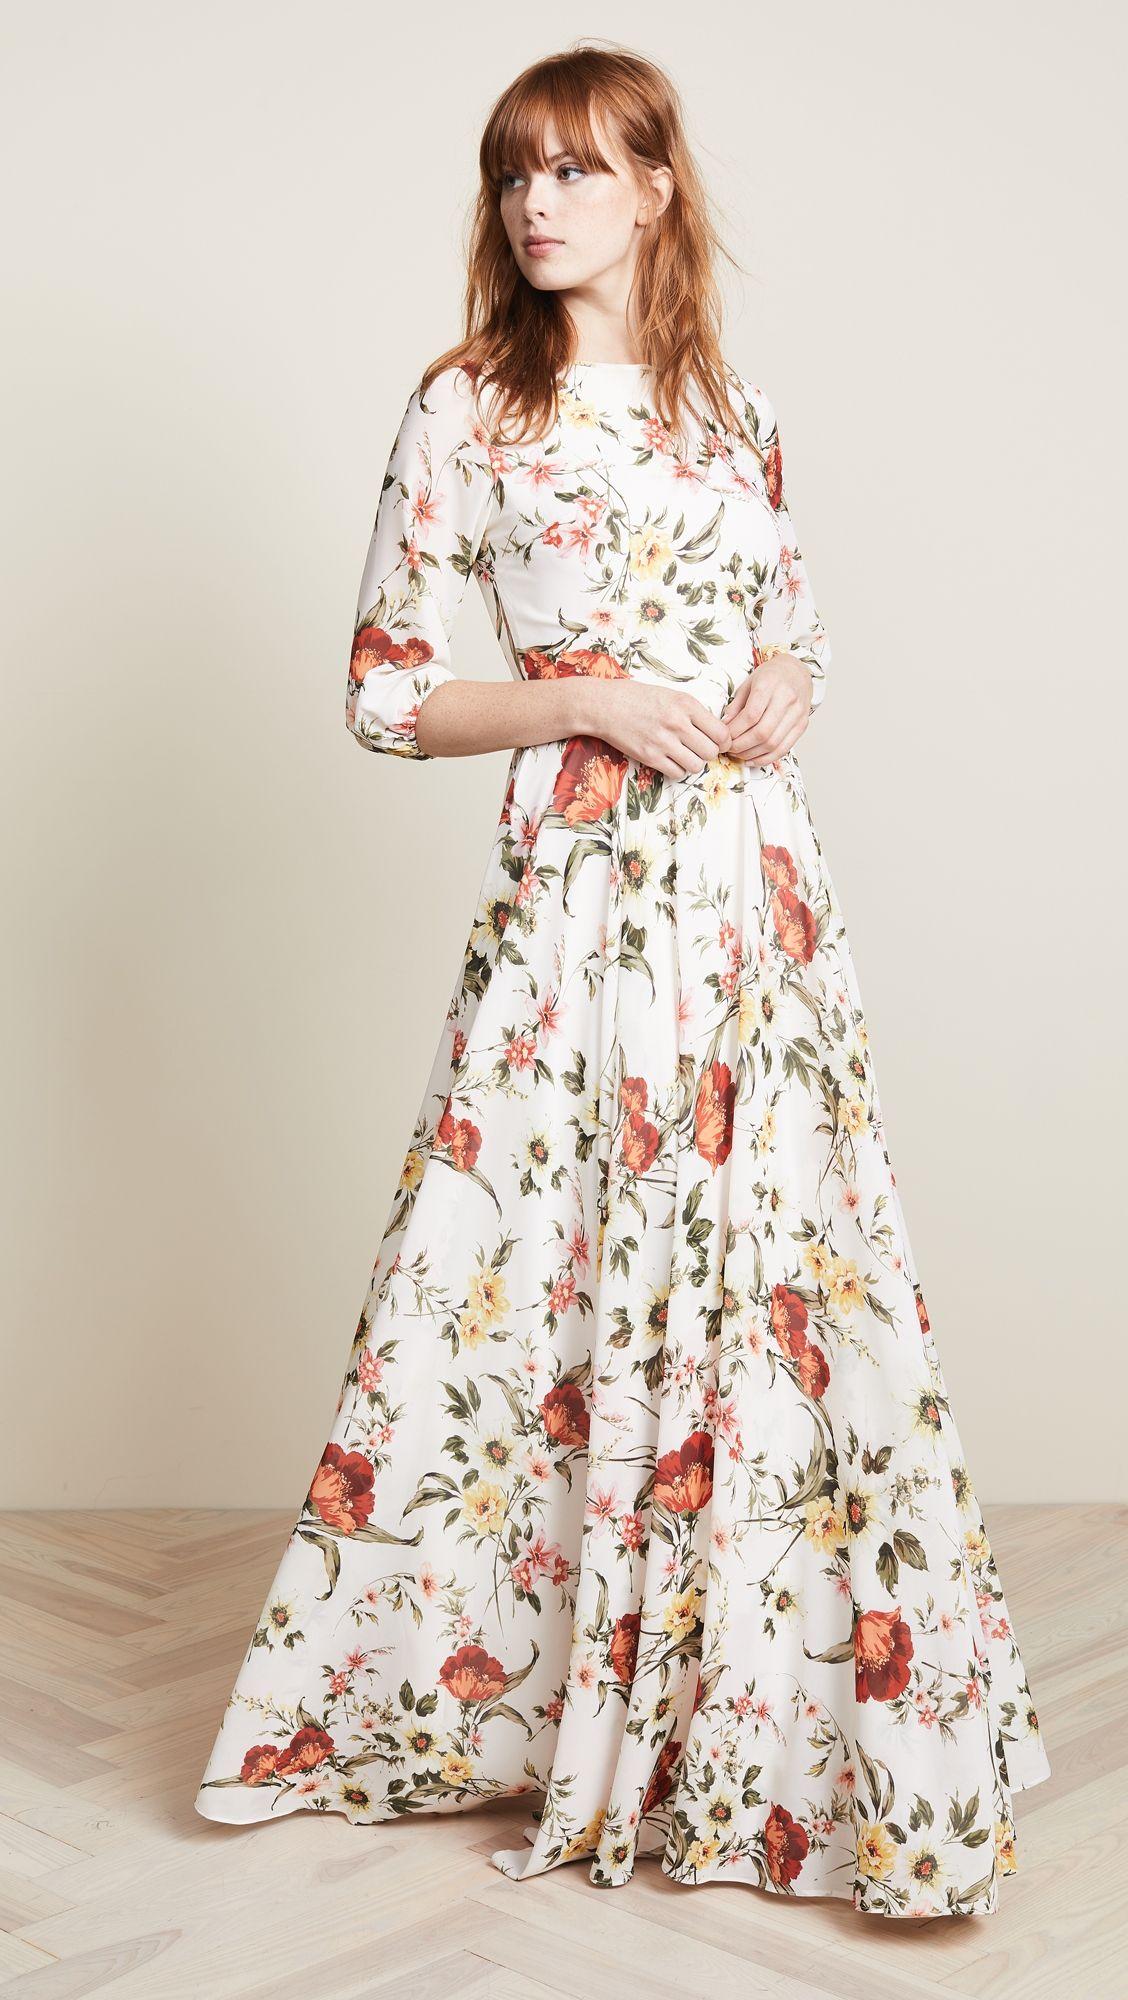 b67c399f30e3 Yumi Kim Woodstock Maxi Dress